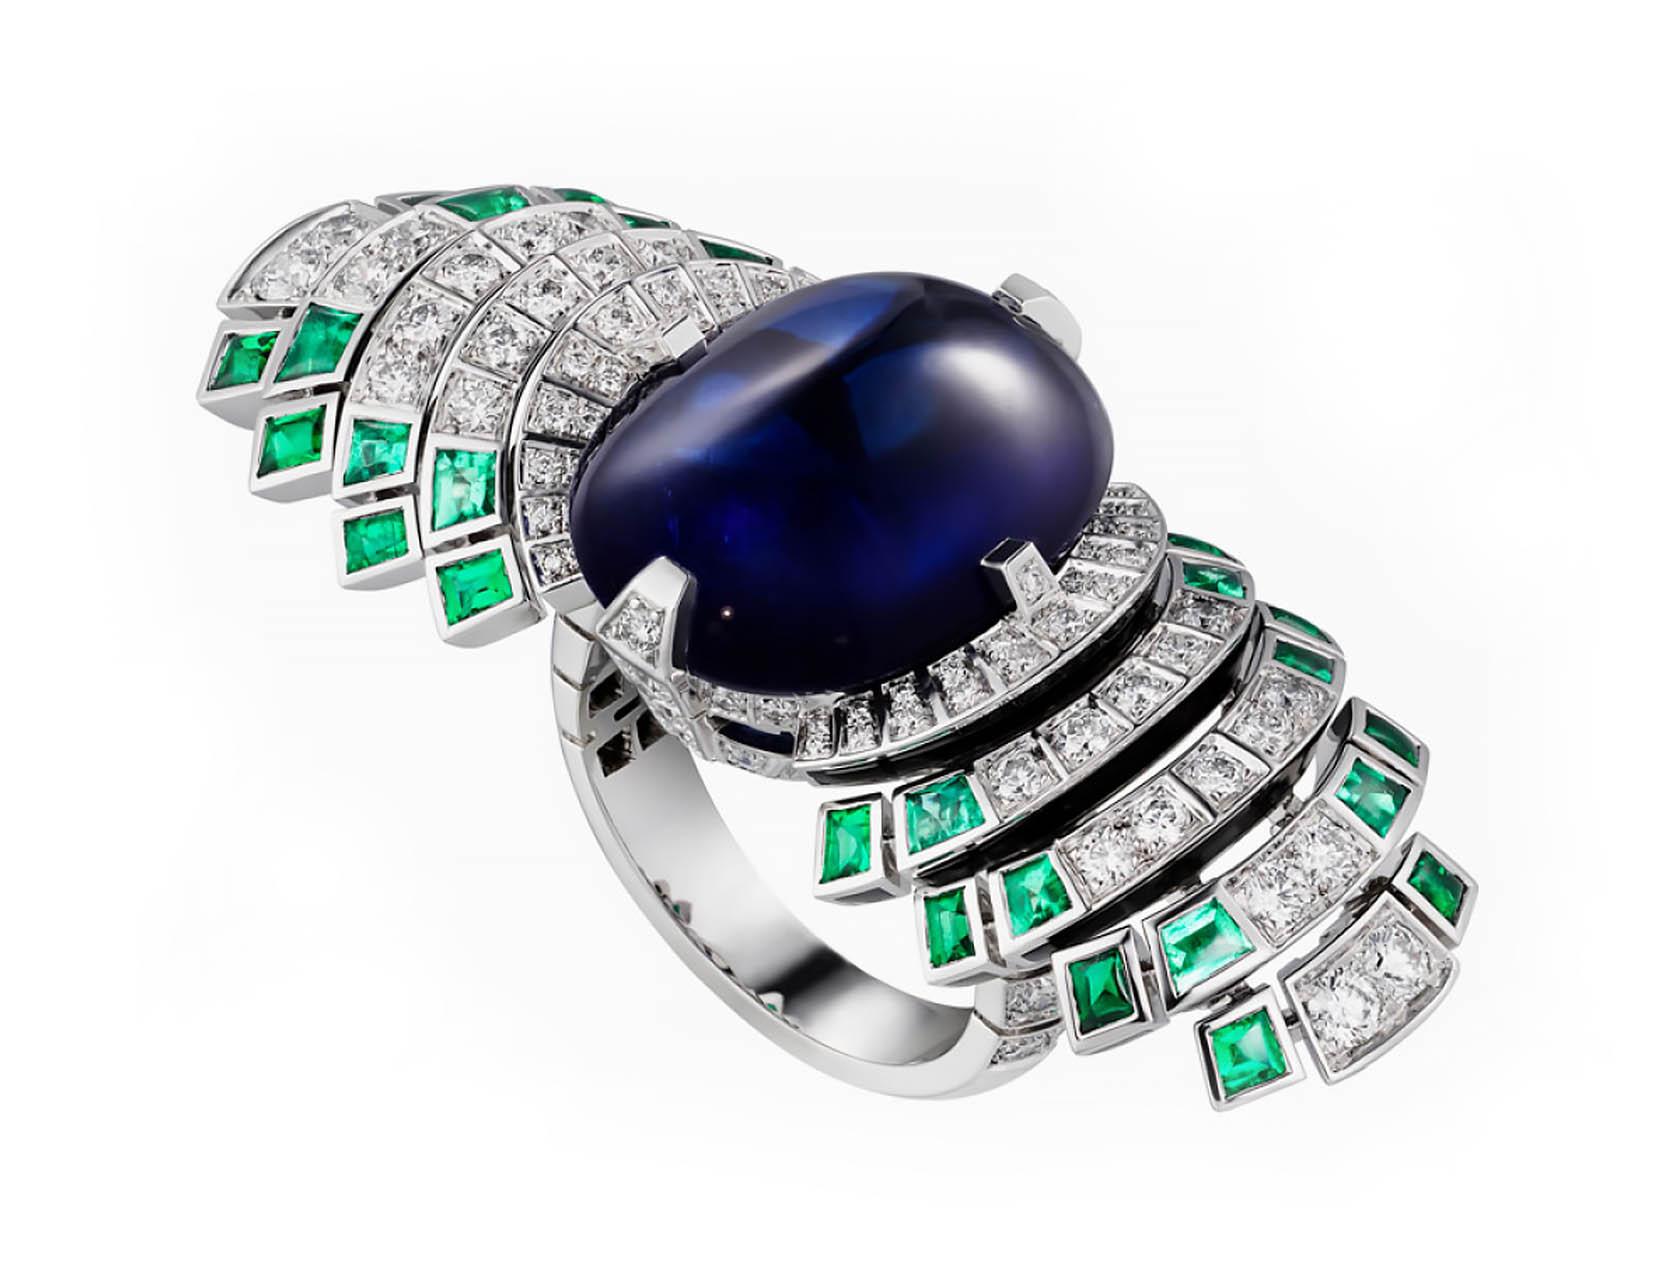 Кольцо Cartier Parhelia, сапфиры бриллианты изумруды. Вид в перспективе